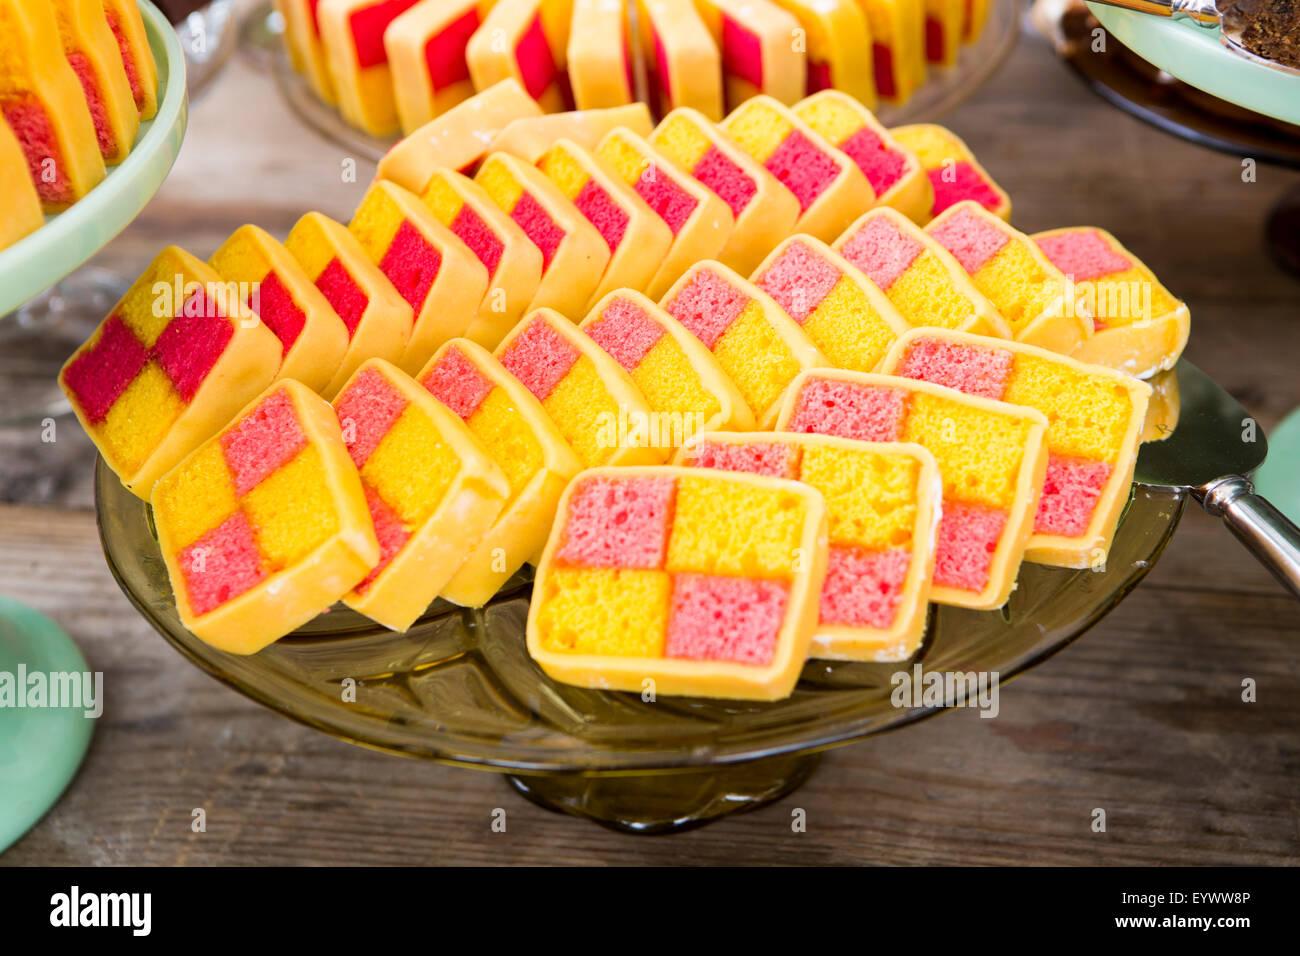 Battenburg cake sliced and served on vintage plate. - Stock Image